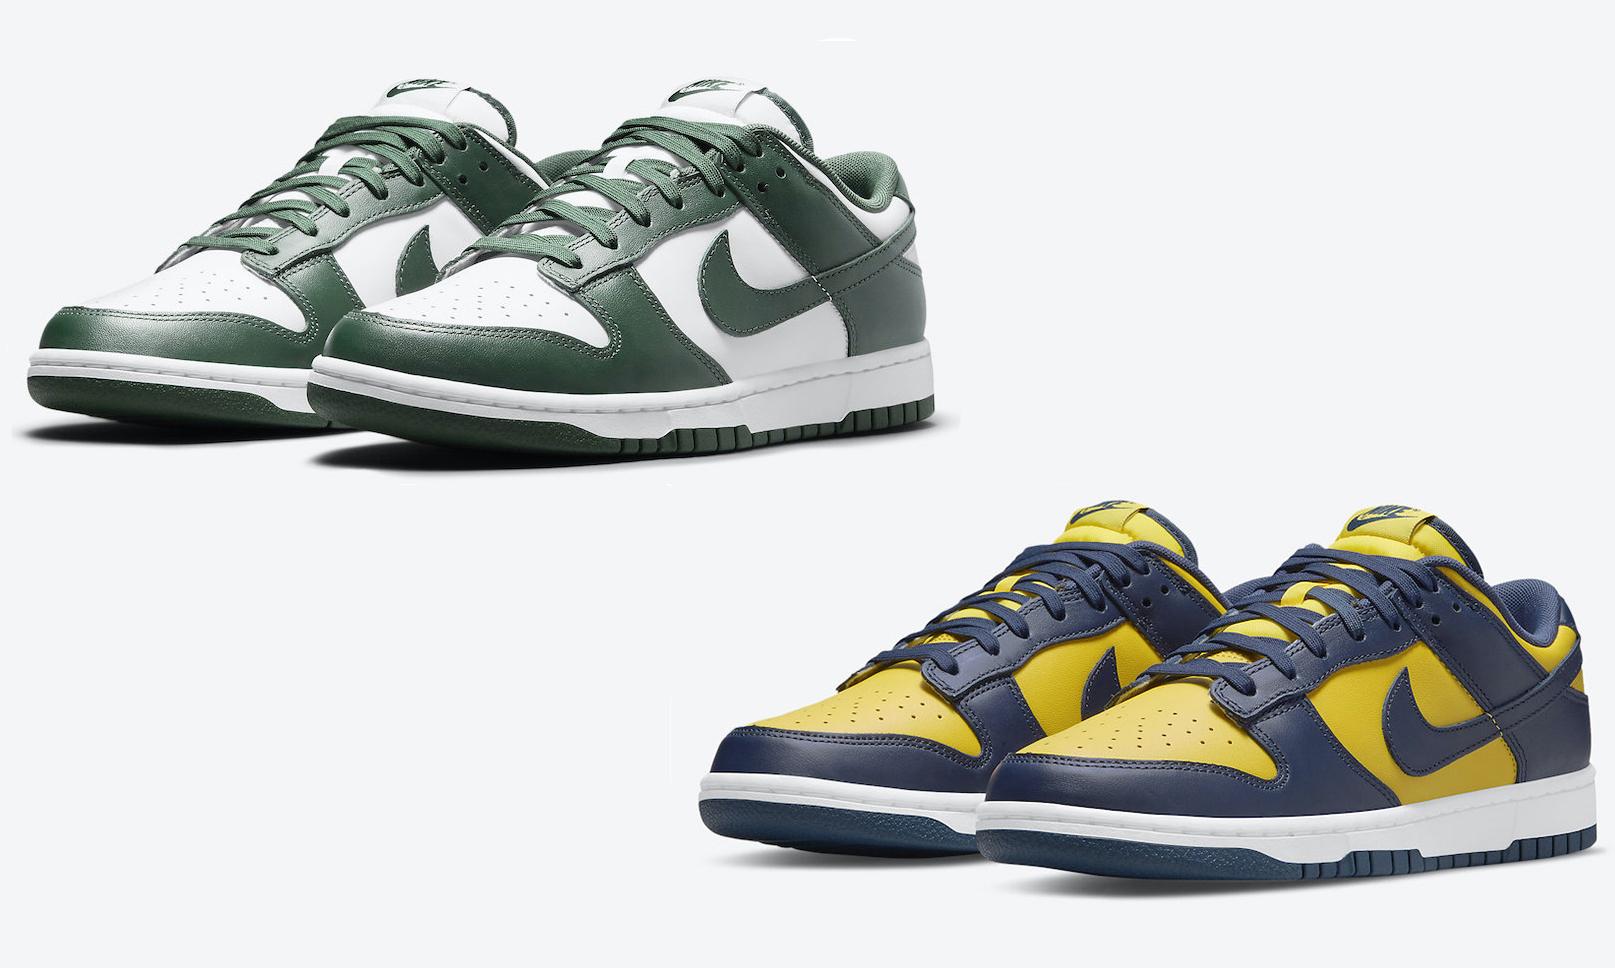 低帮选择,Nike Dunk Low 经典双色即将开售